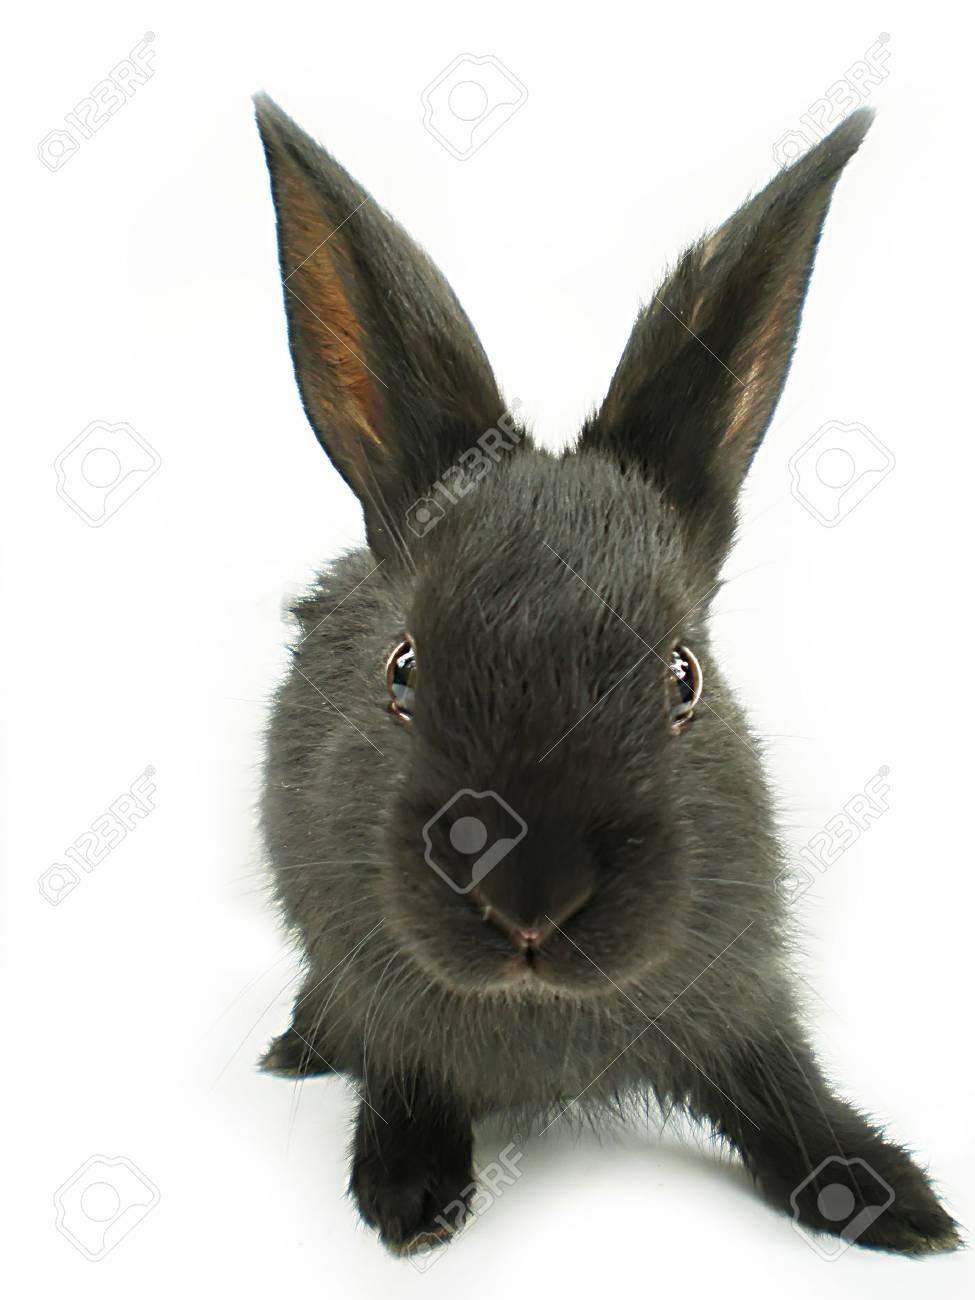 rabbit Stock Photo - 3261307